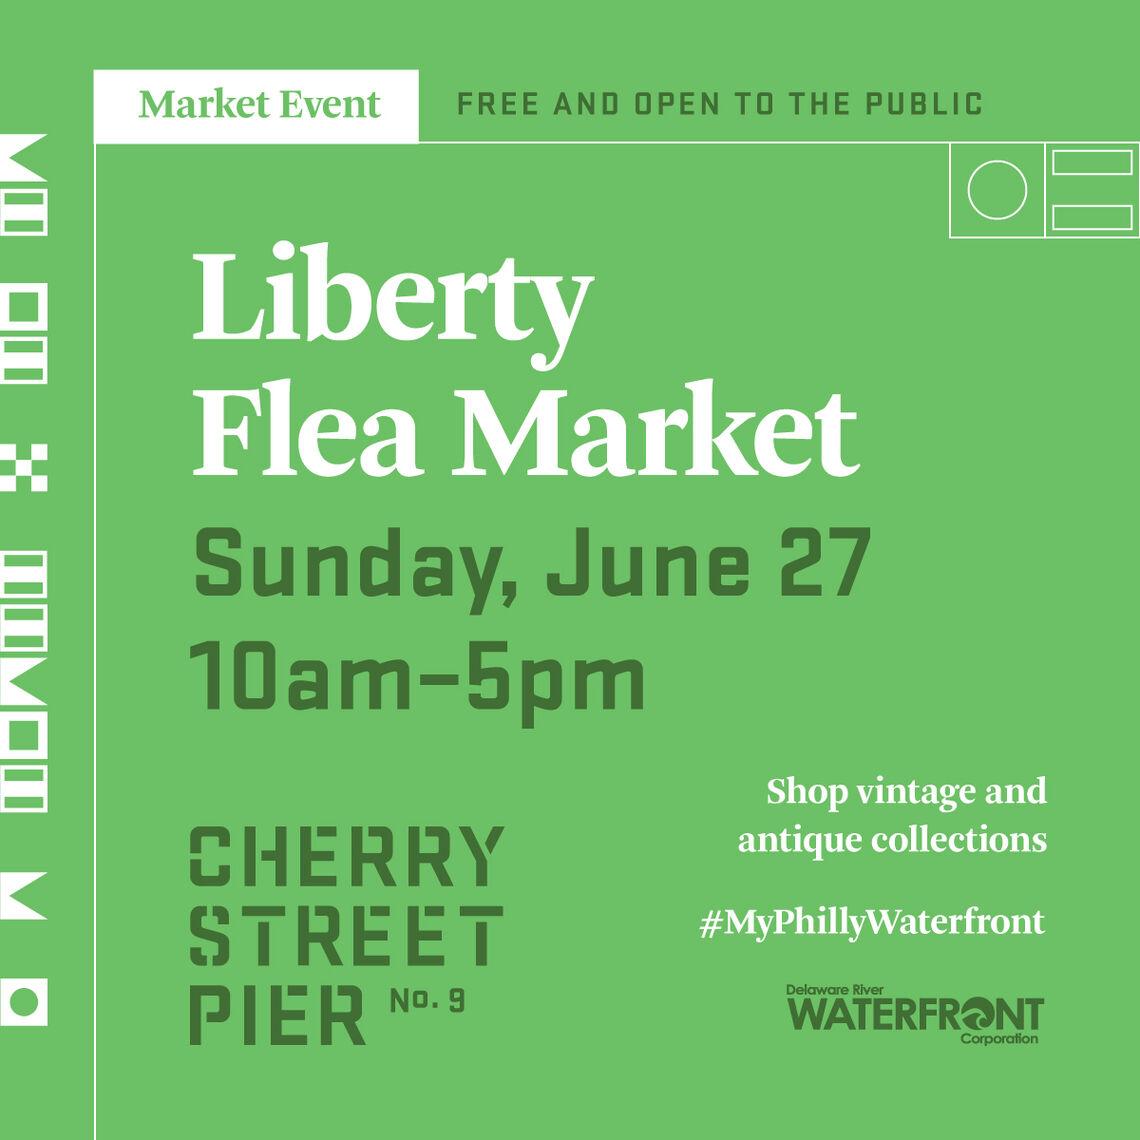 liberty flea market 2021 06 27 social